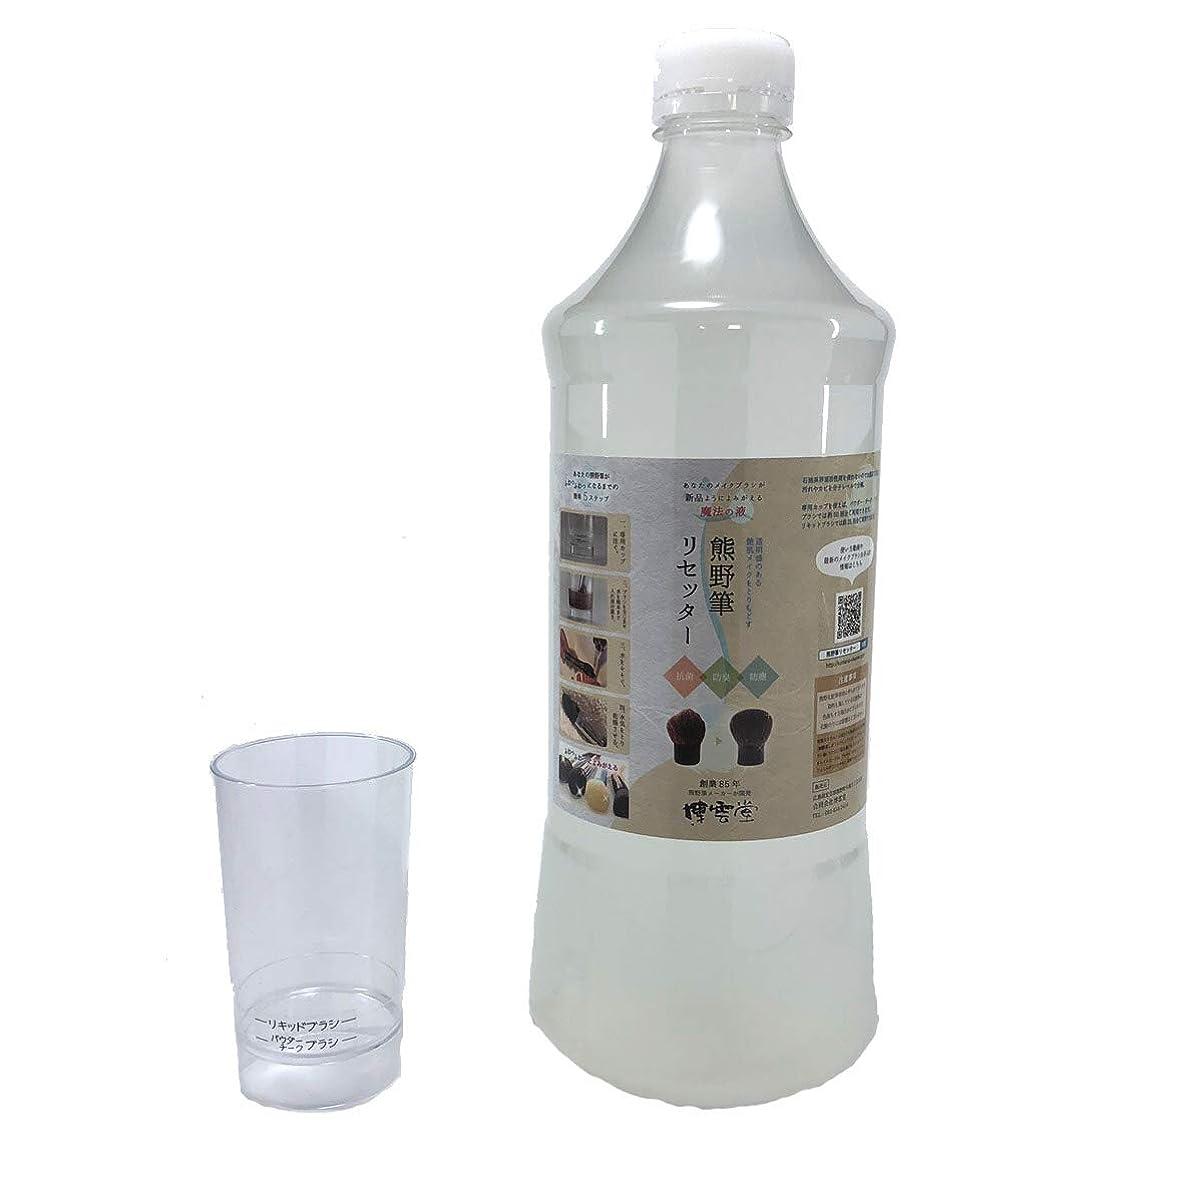 嵐のどうやってクレタメイクブラシ?リセッター「熊野筆リセッター(洗浄カップ付き)」特大ボトル